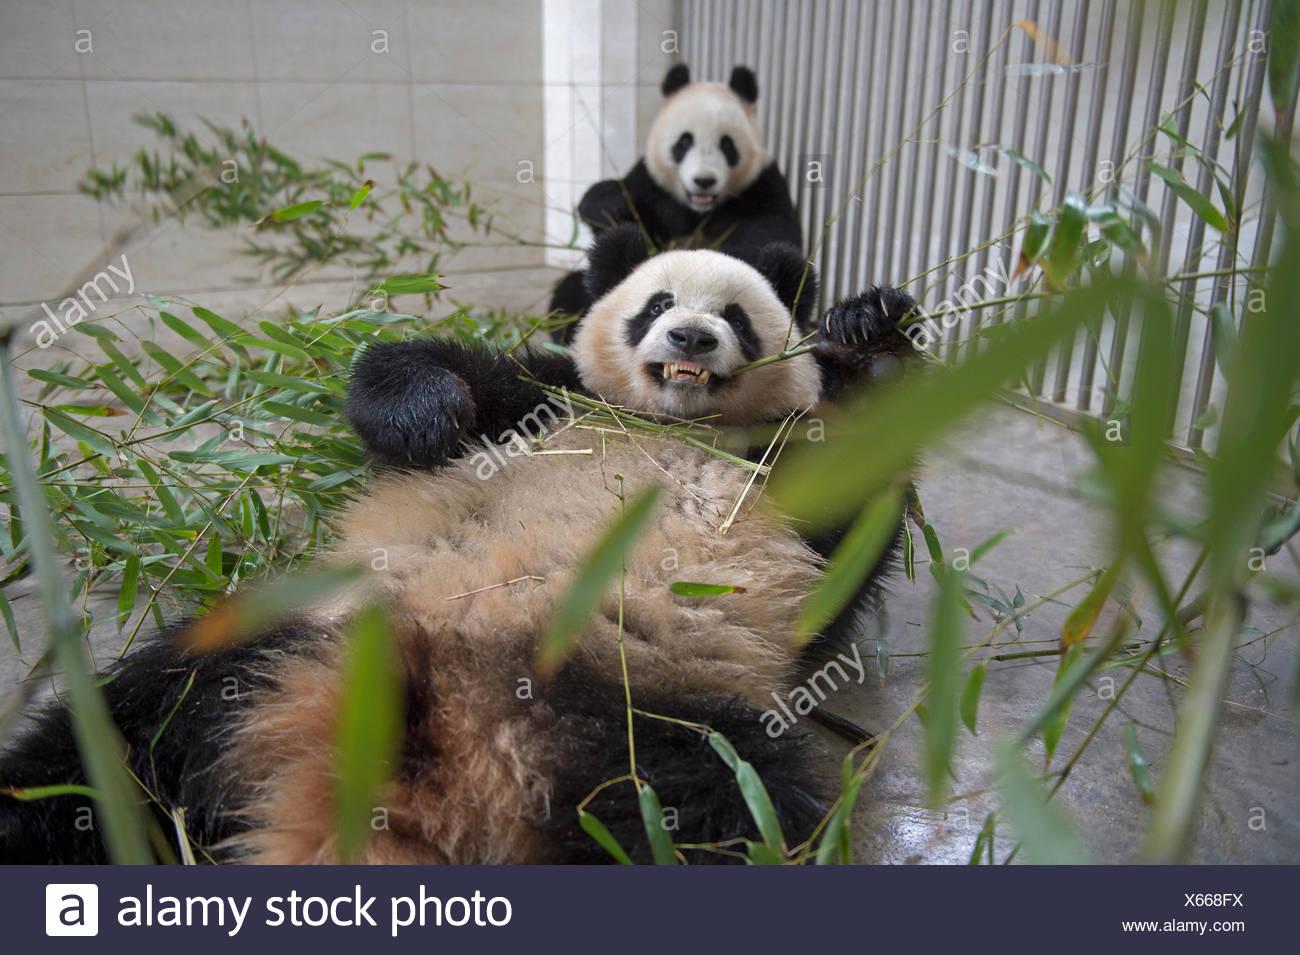 Panda Giganti mangiano il bambù al Geng Da Panda Gigante di base che è parte della Wolong Panda Gigante Centro di ricerca. Immagini Stock